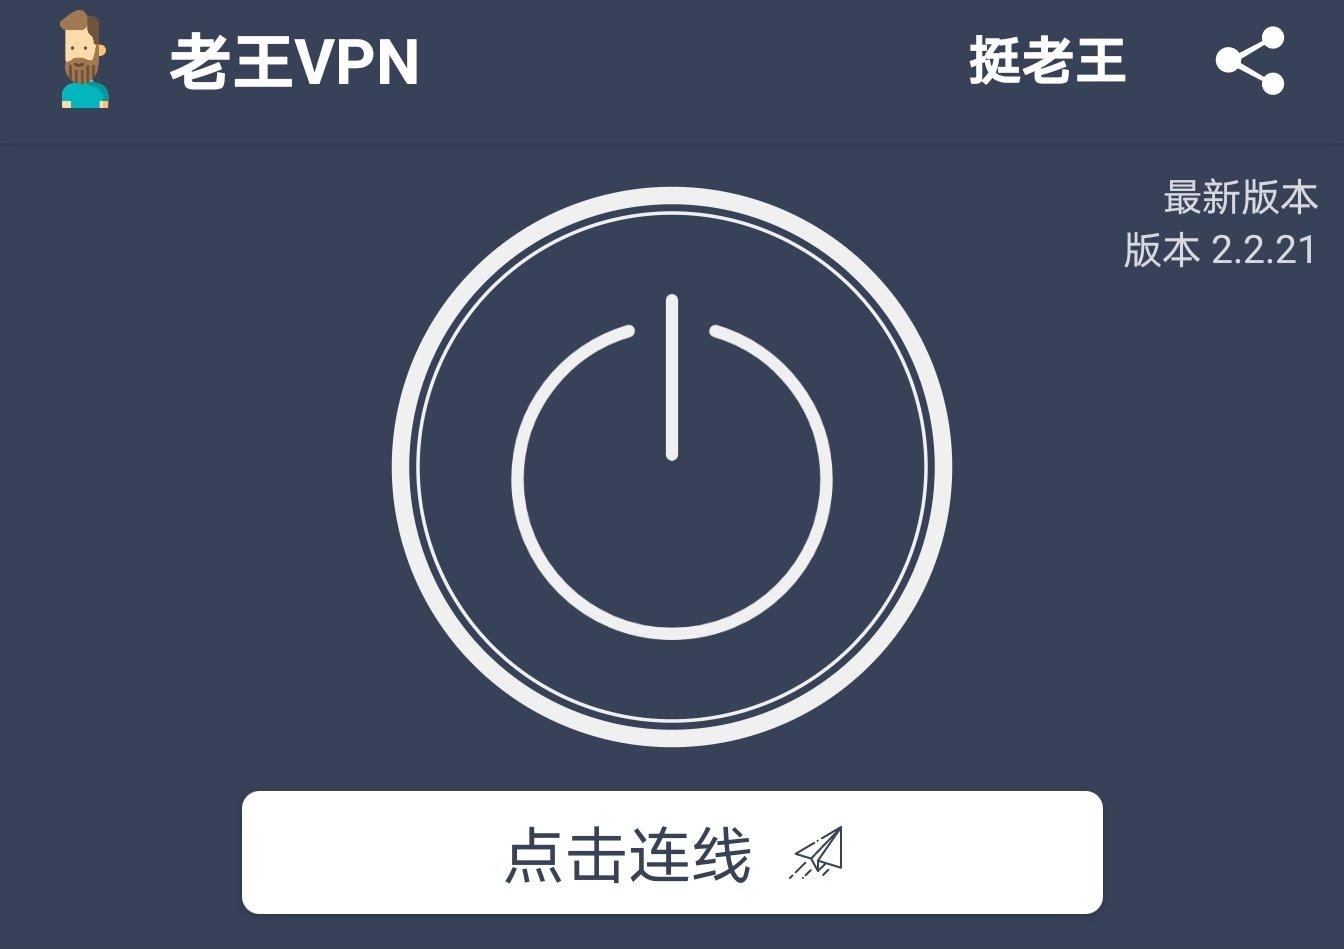 老王VPN 2.2.21 APK下載